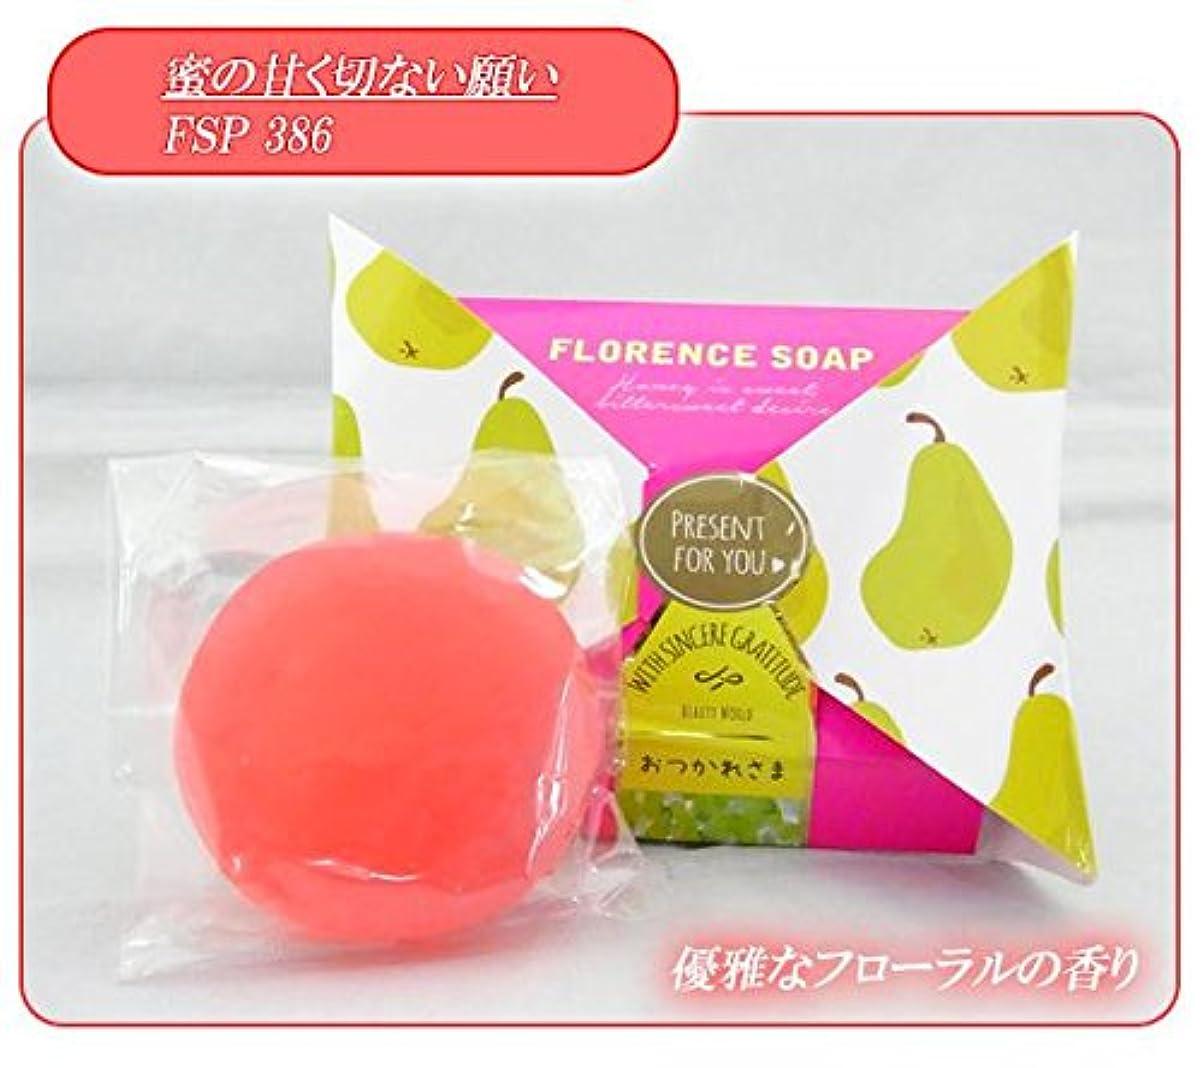 起きている謝罪サバントビューティーワールド BWフローレンスの香り石けん リボンパッケージ 6個セット 蜜の甘く切ない願い